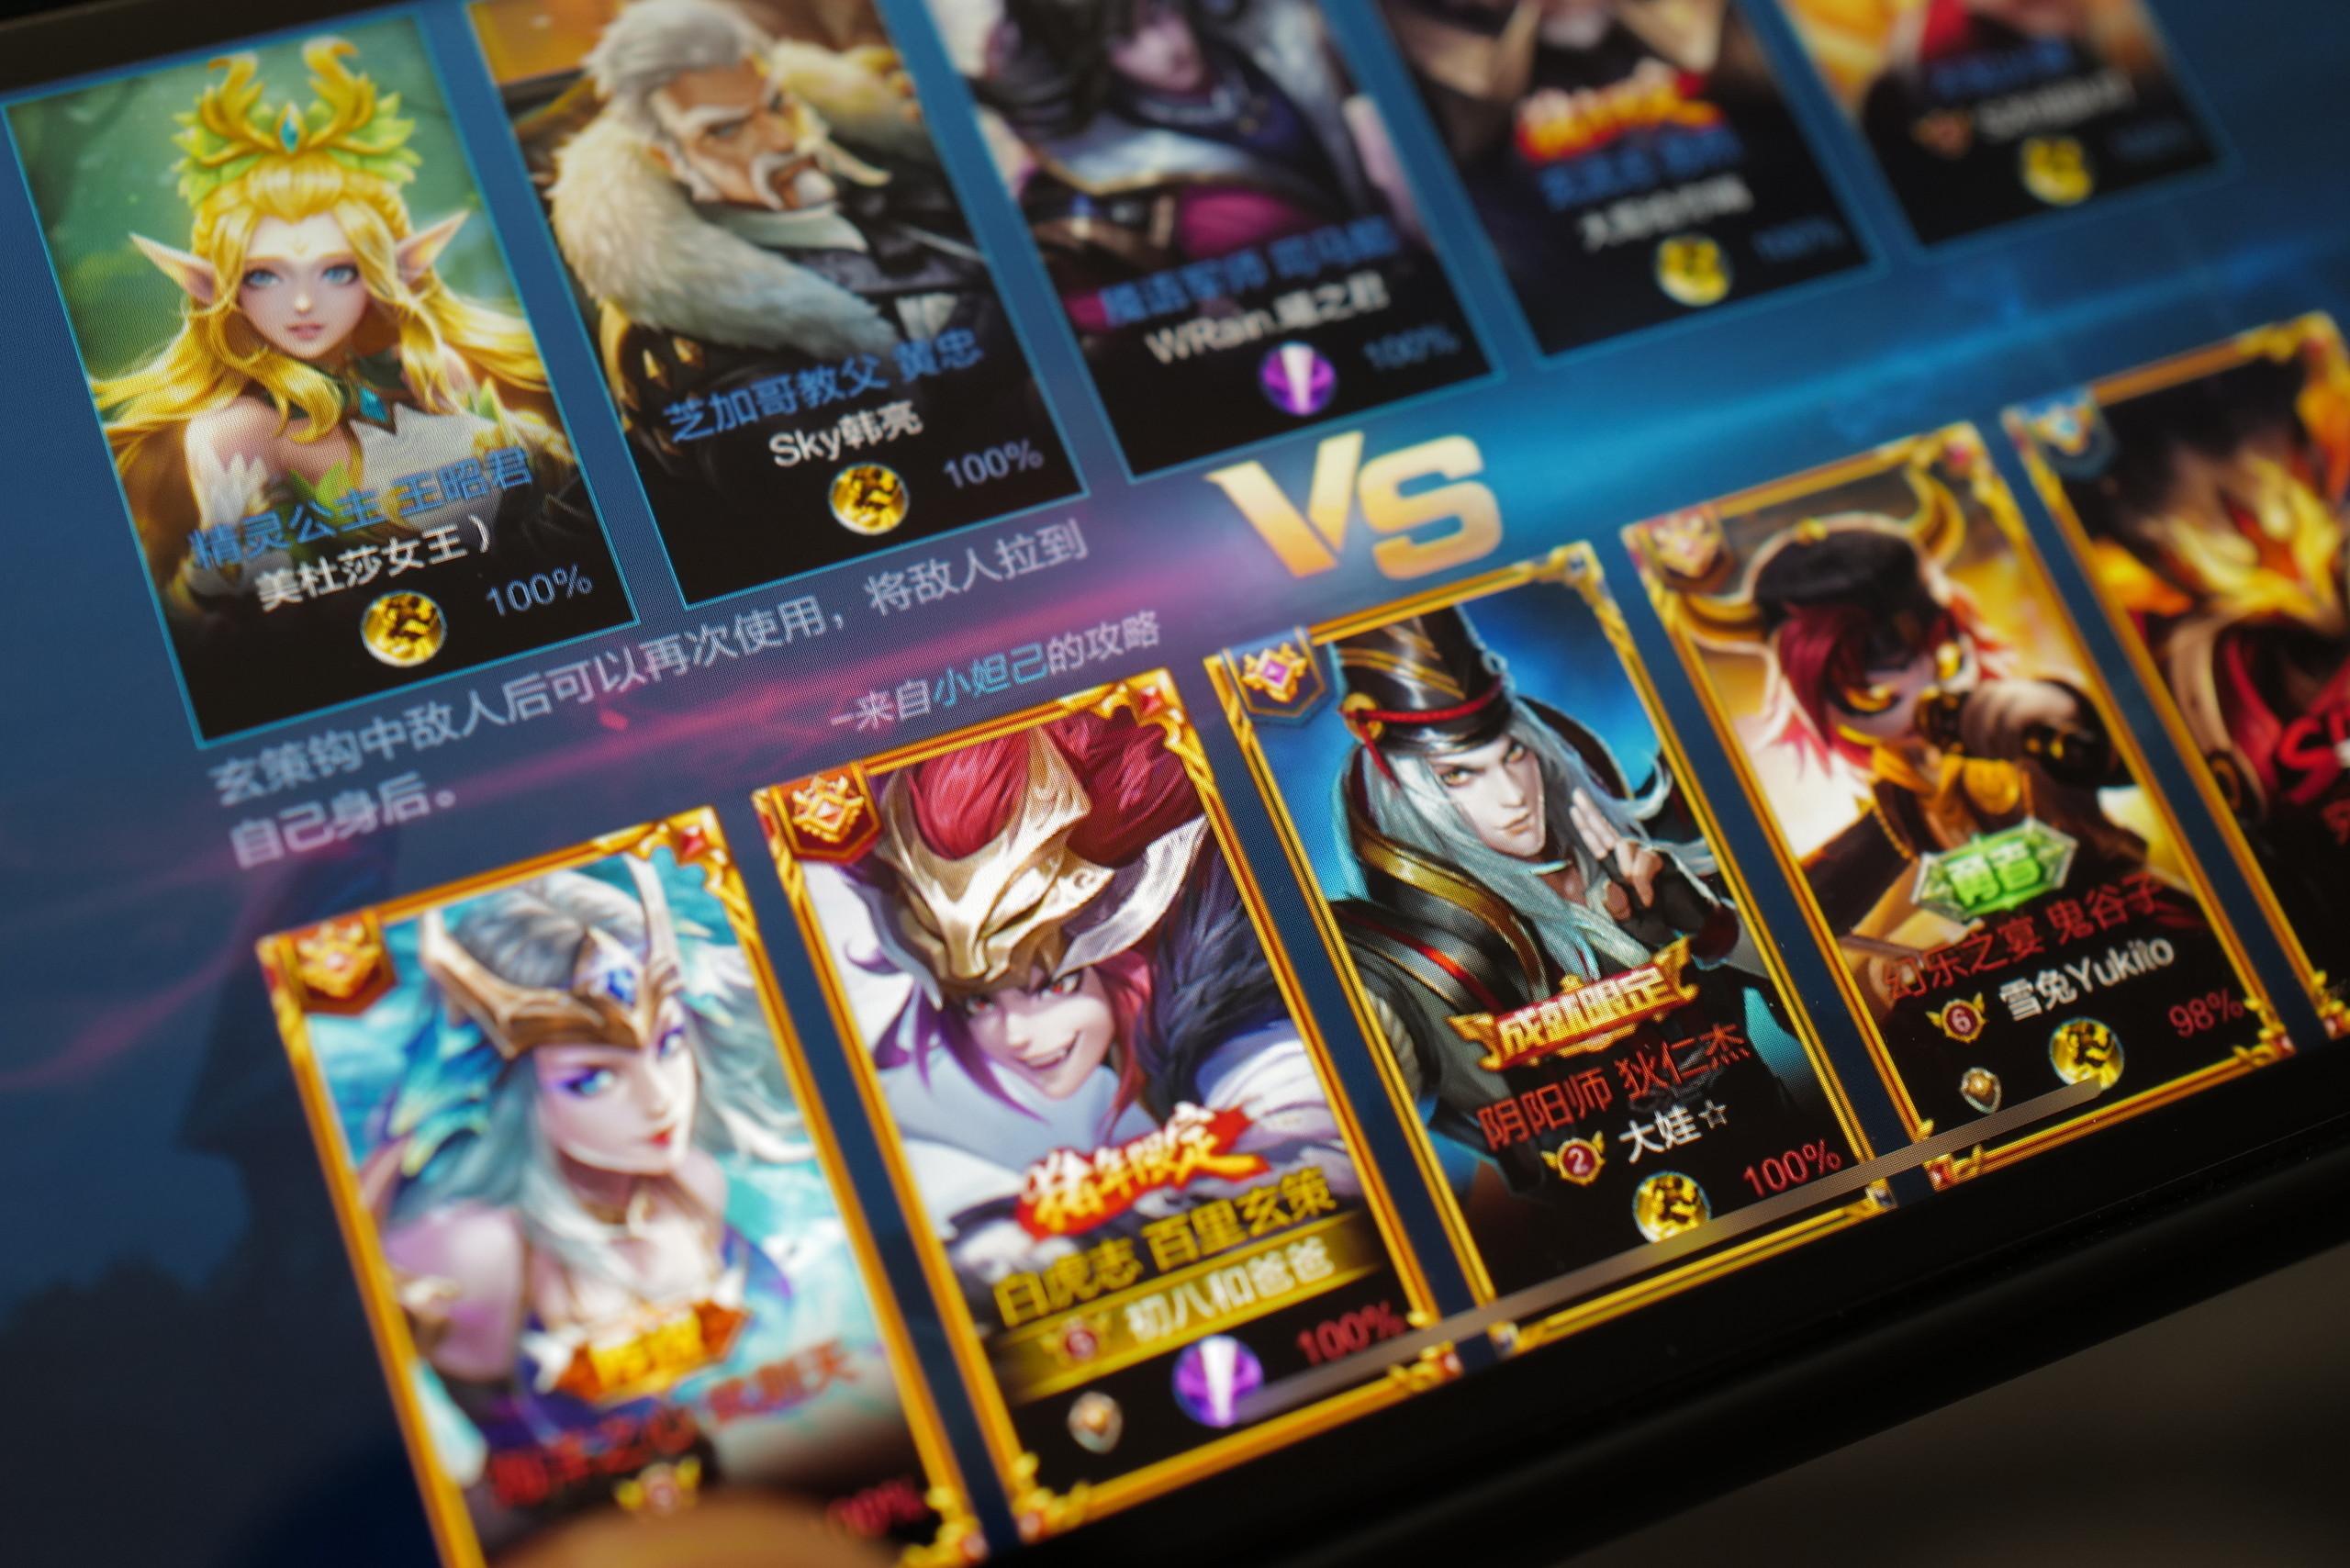 5月首批55款国产游戏获版号,腾讯网易巨人在列